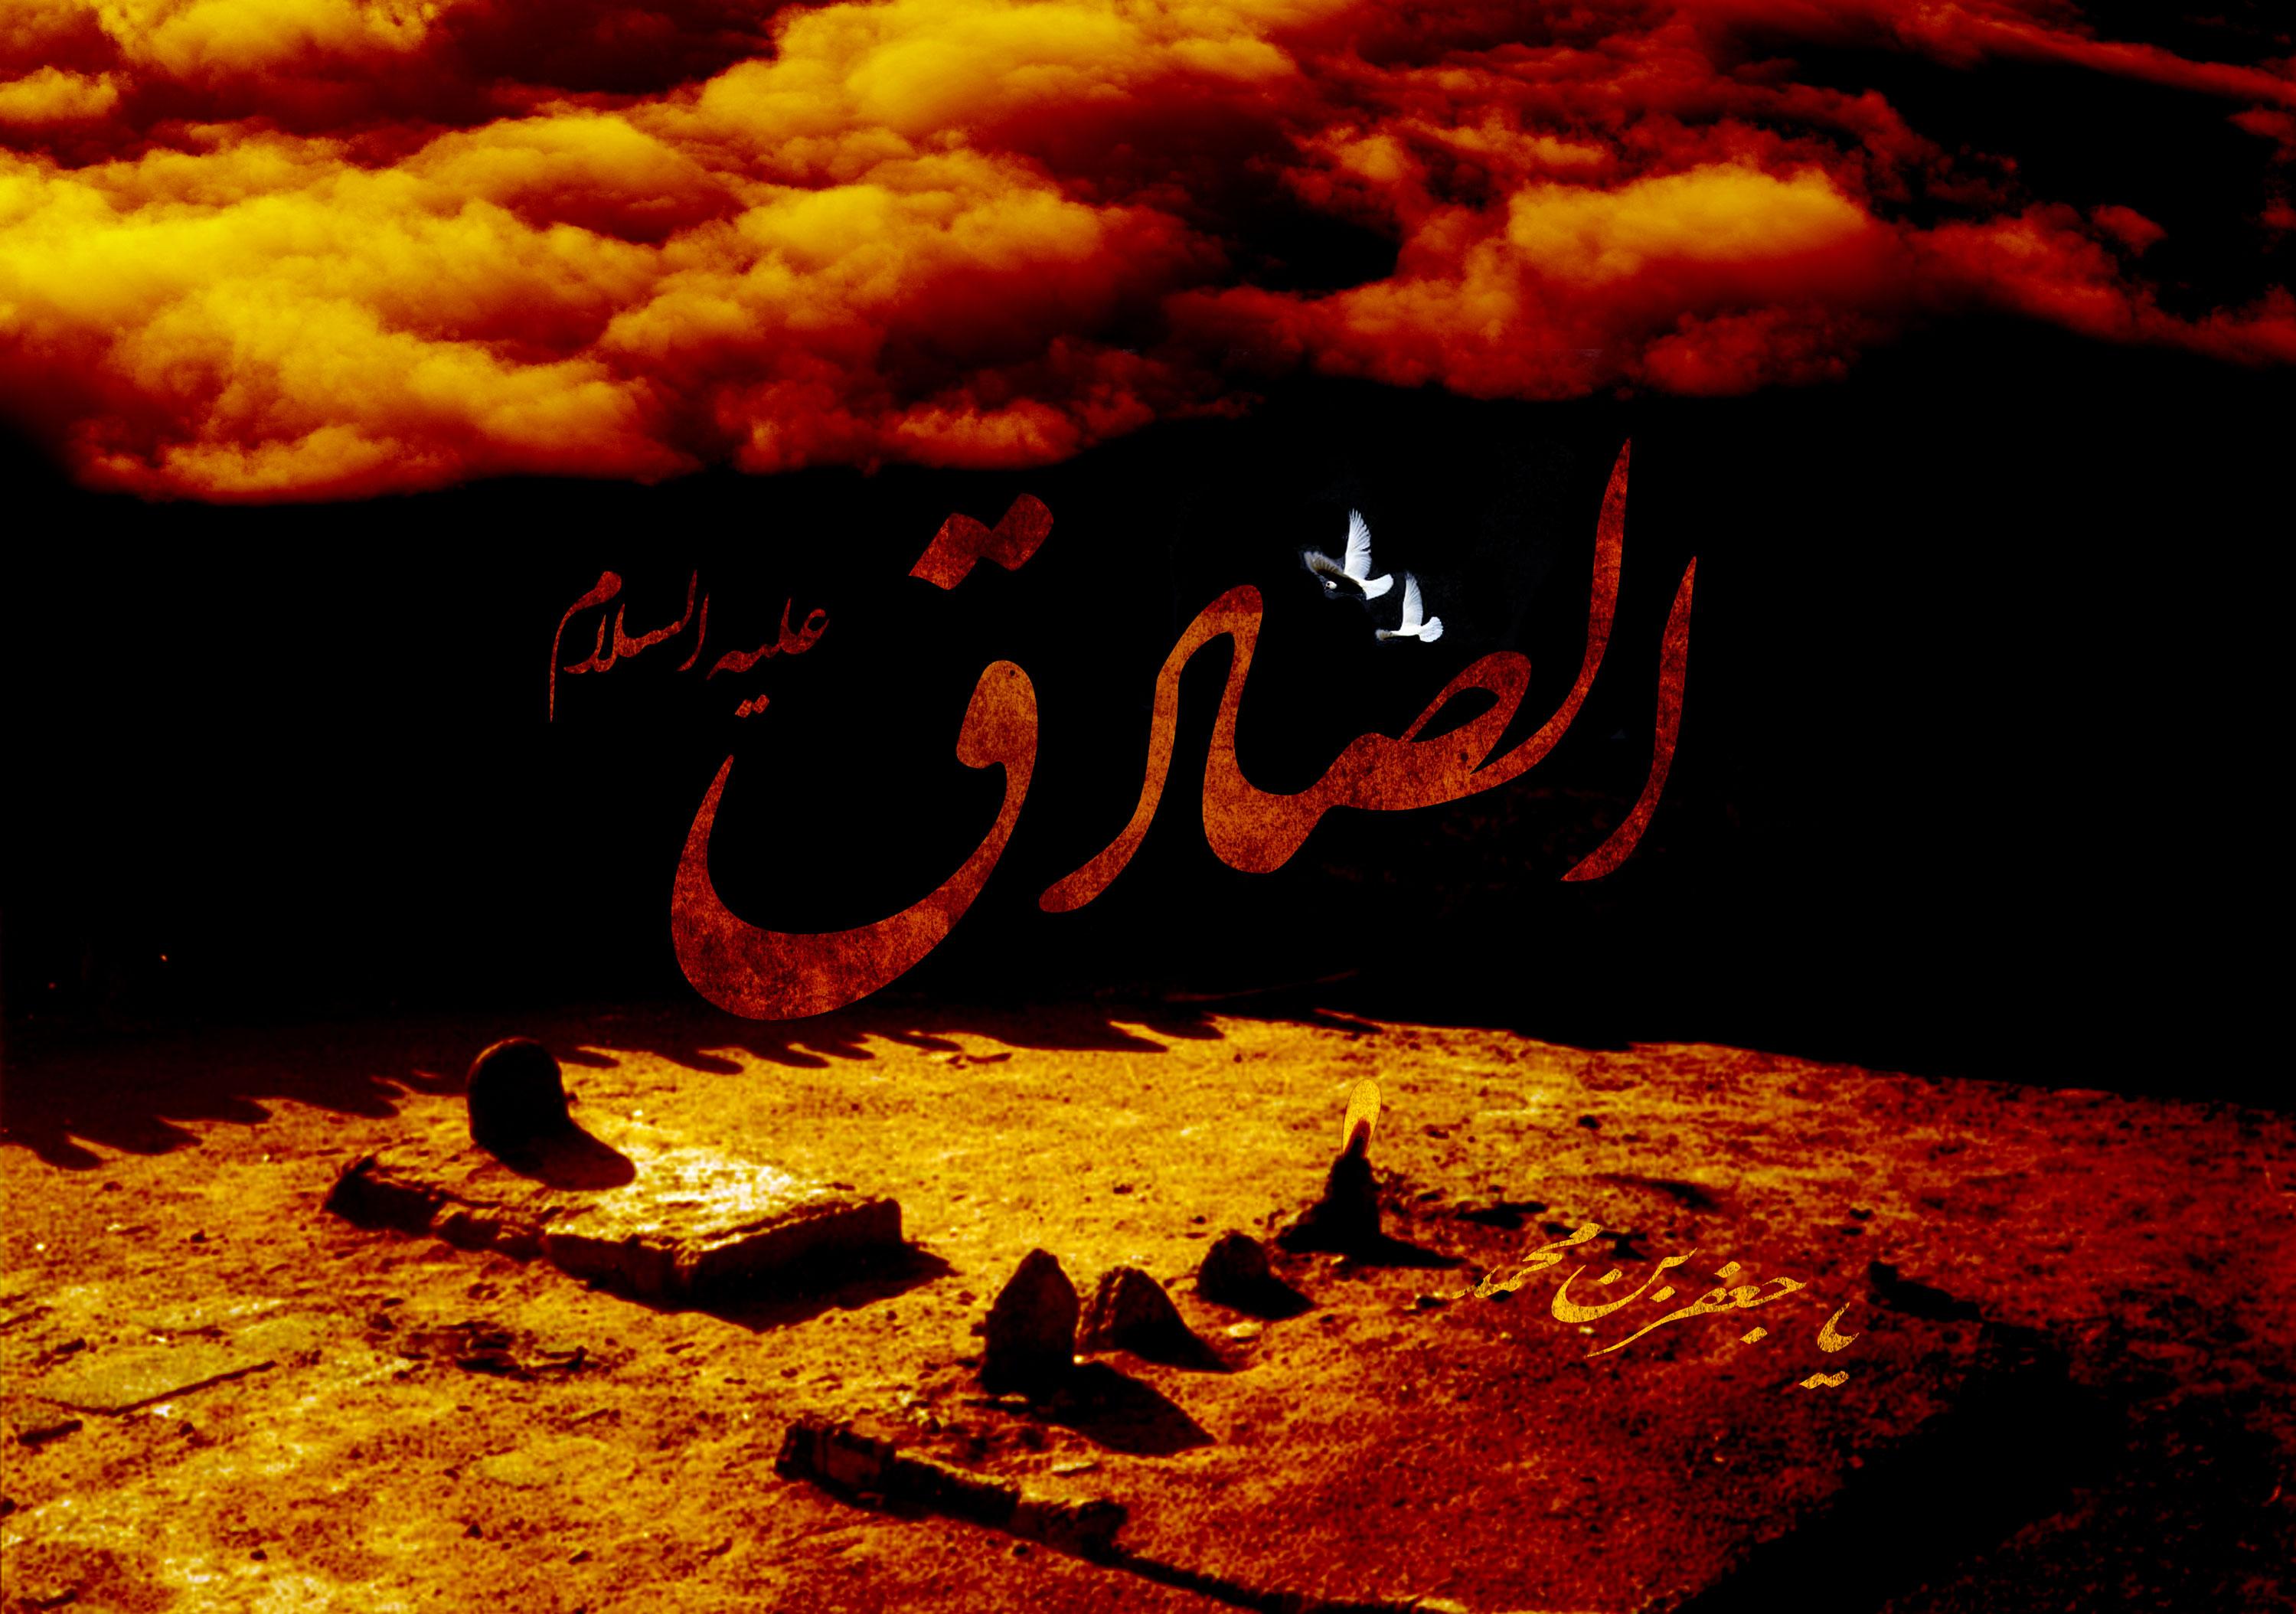 نقش امام صادق در رونق عزای امام حسین/ نوحه کنید بر حسین همچون مادر بچه مرده